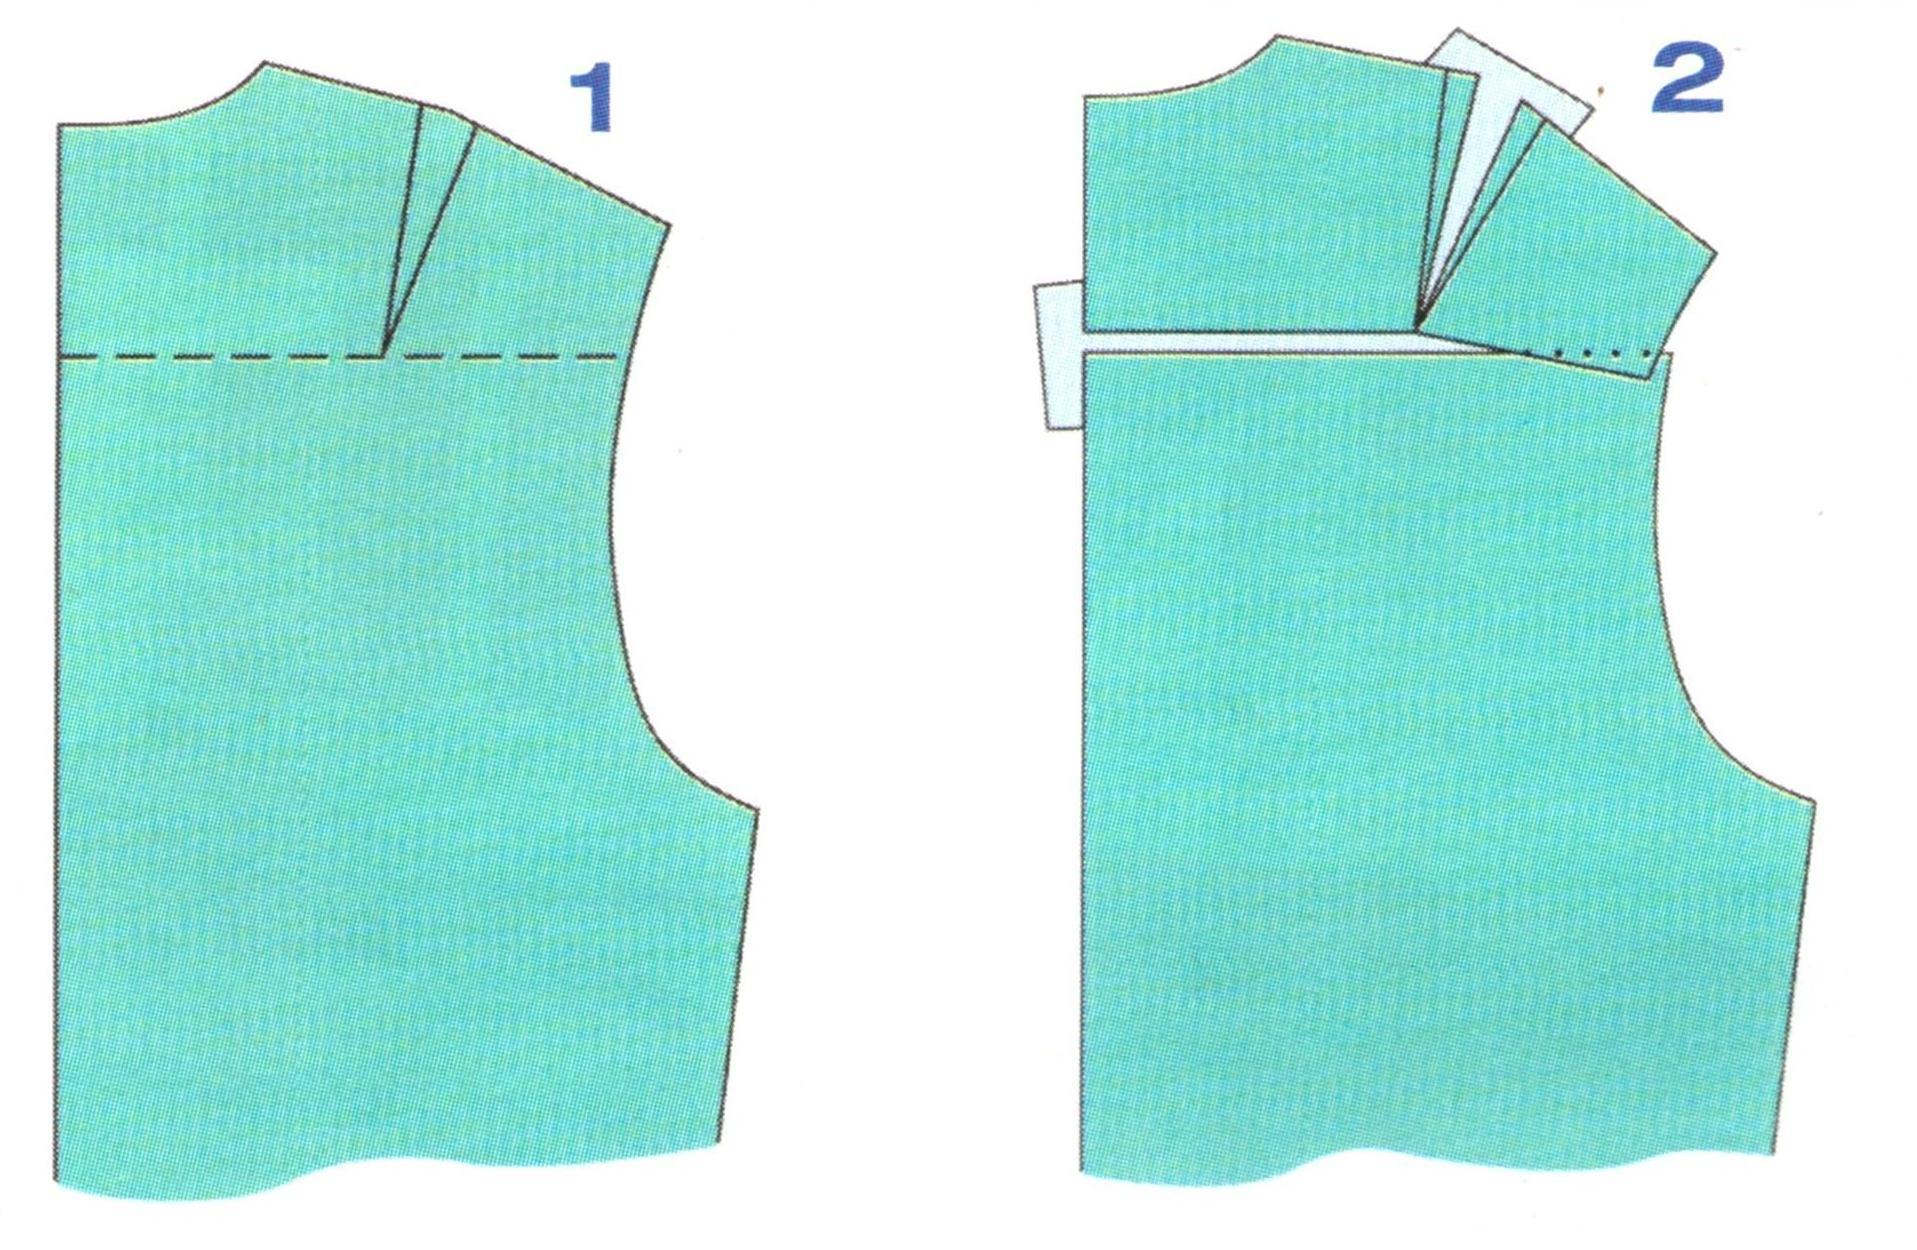 выкройки спинки с вытачкой (1-2)